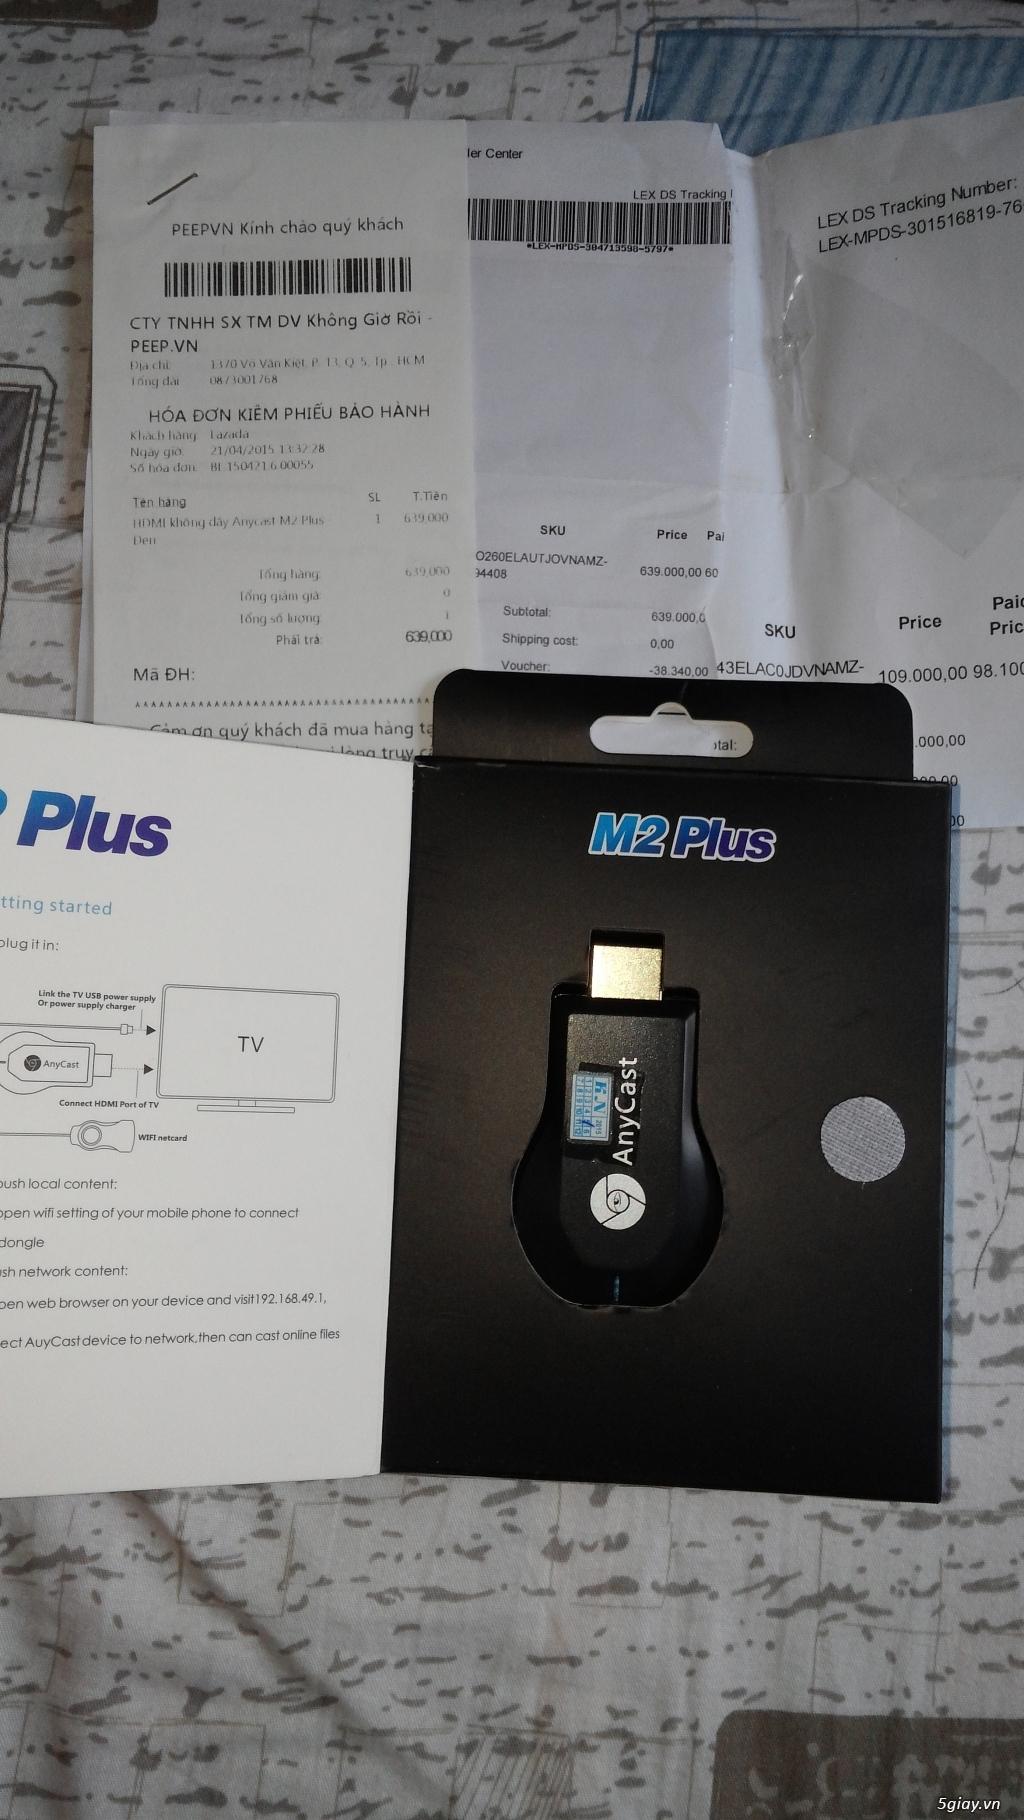 Bán loa Logitech Z623 + Anycast M2 Plus, Giá SV - 3